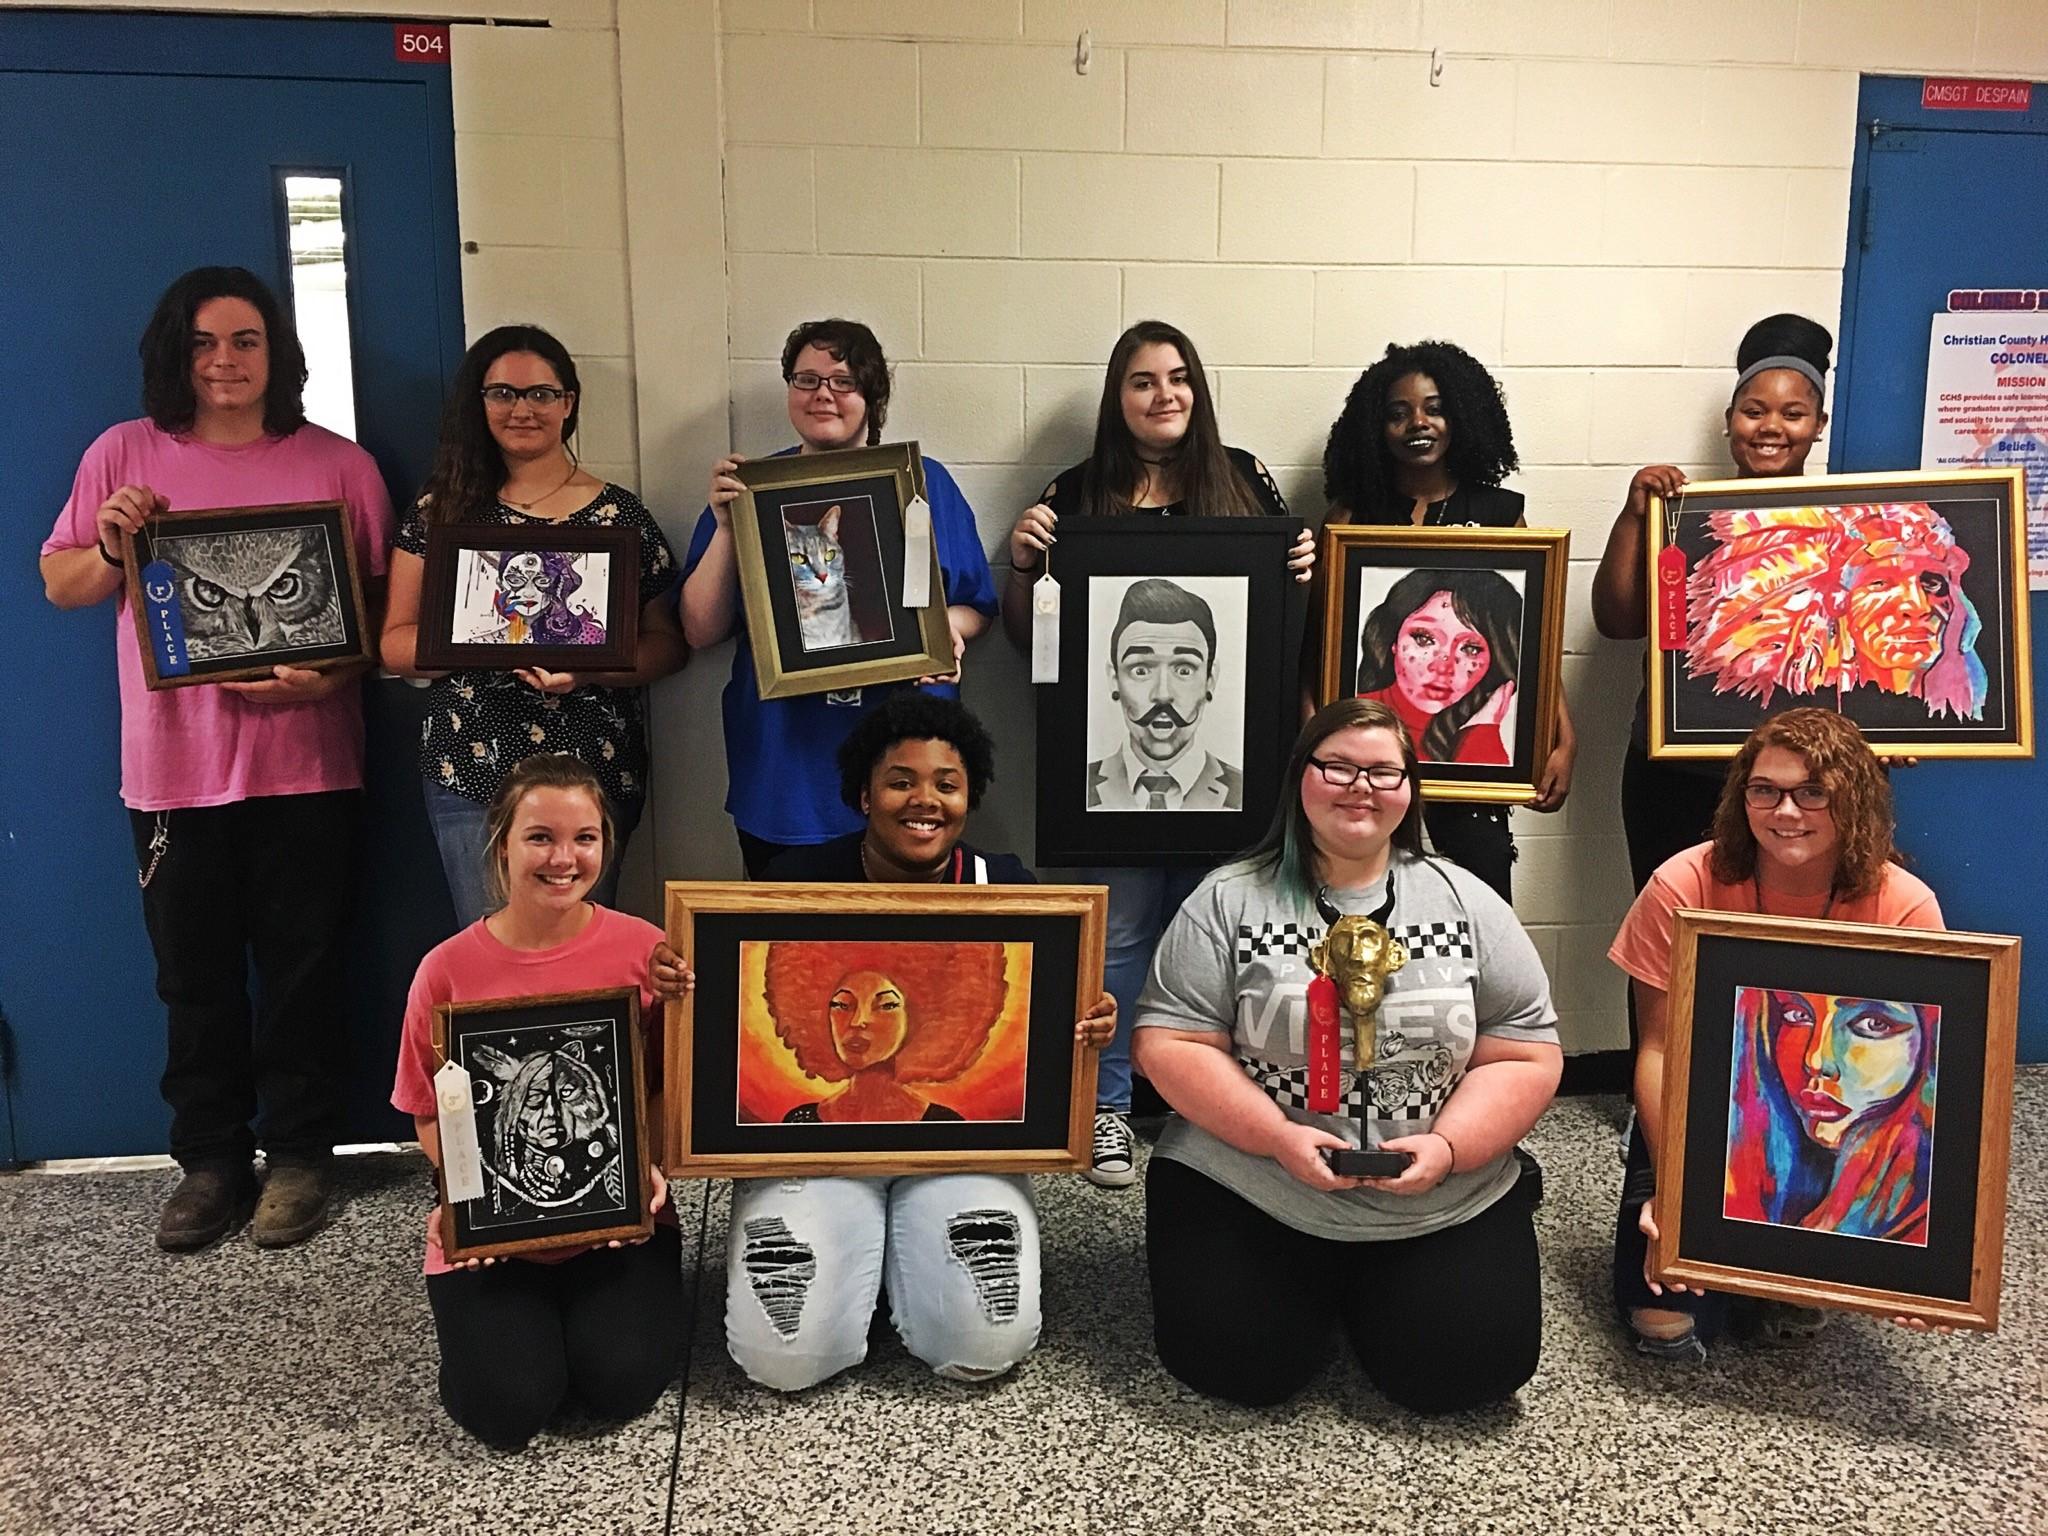 CCHS students excel at Riverfest Art Show